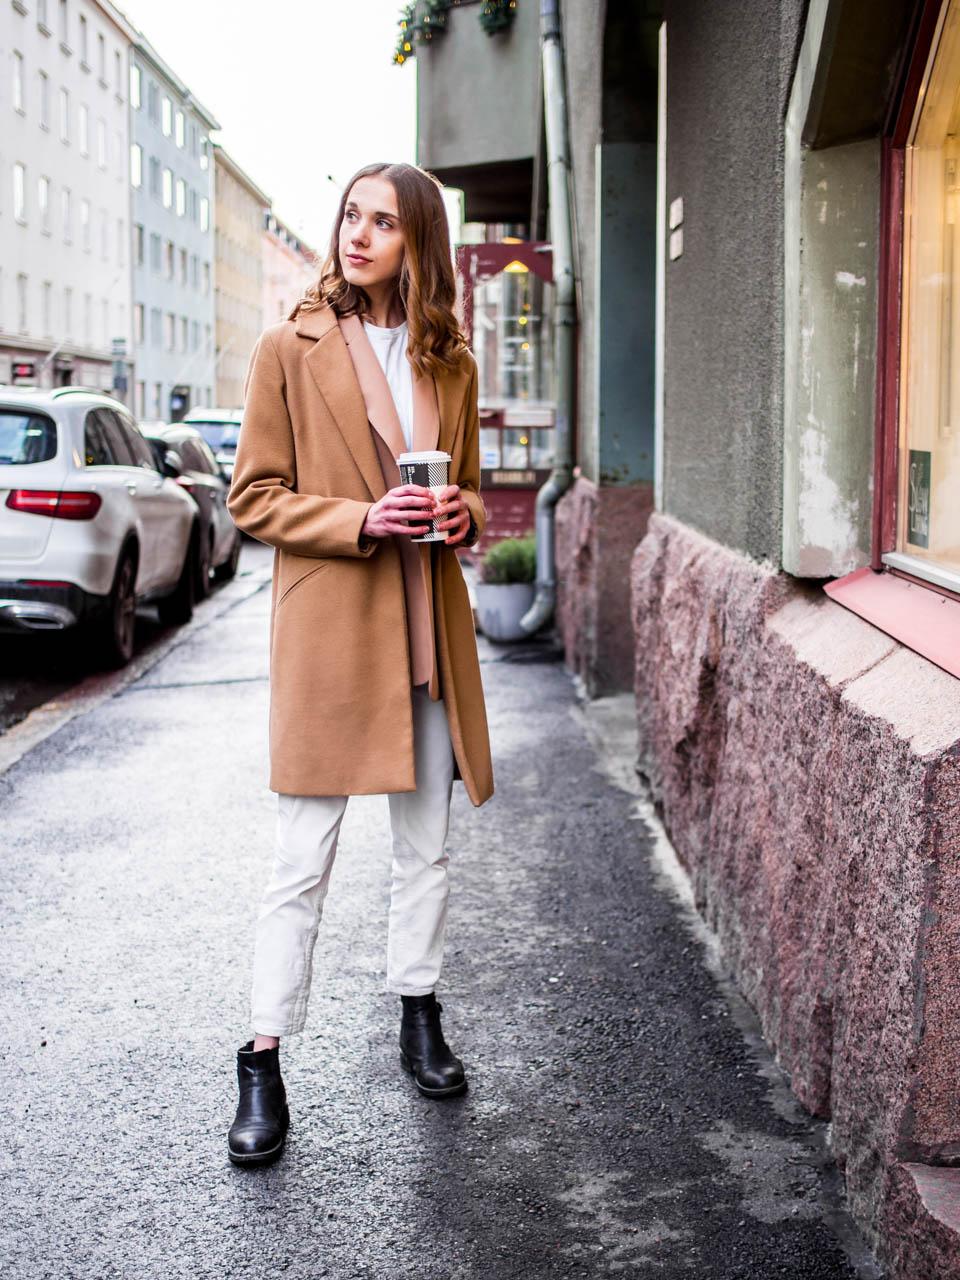 Streetstyle with coffee - Muoti, tyyli, muotibloggaaja, Helsinki, kahvi